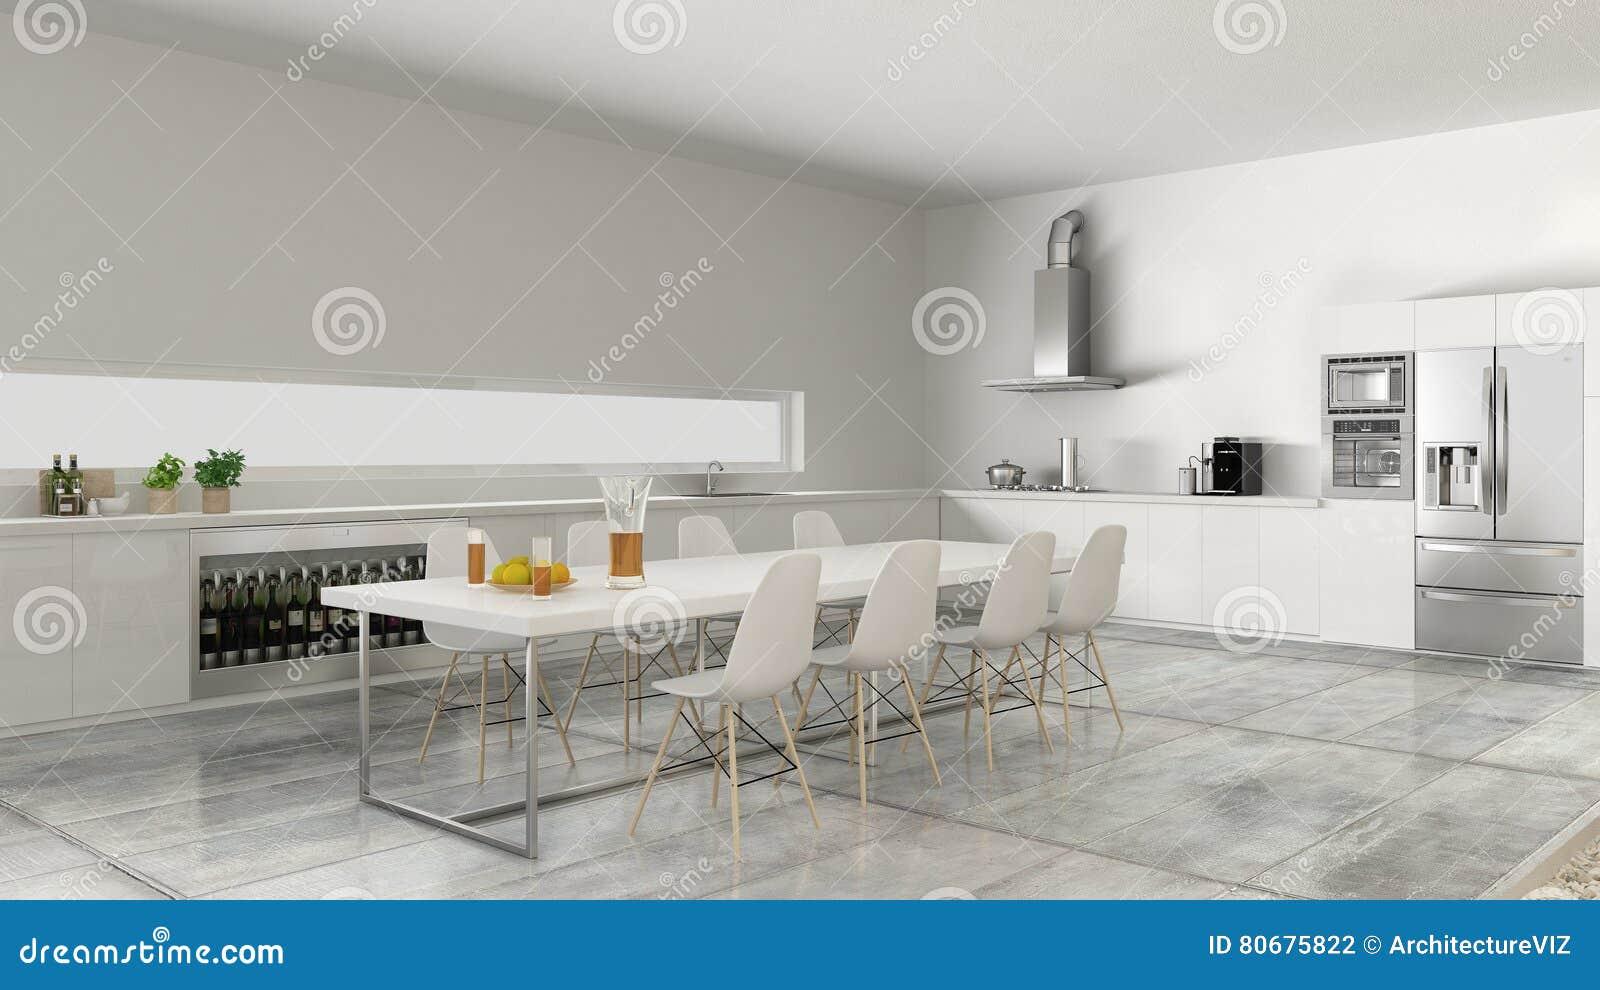 Cucina Bianca Con La Tavola E Le Sedie Fotografia Stock - Immagine ...